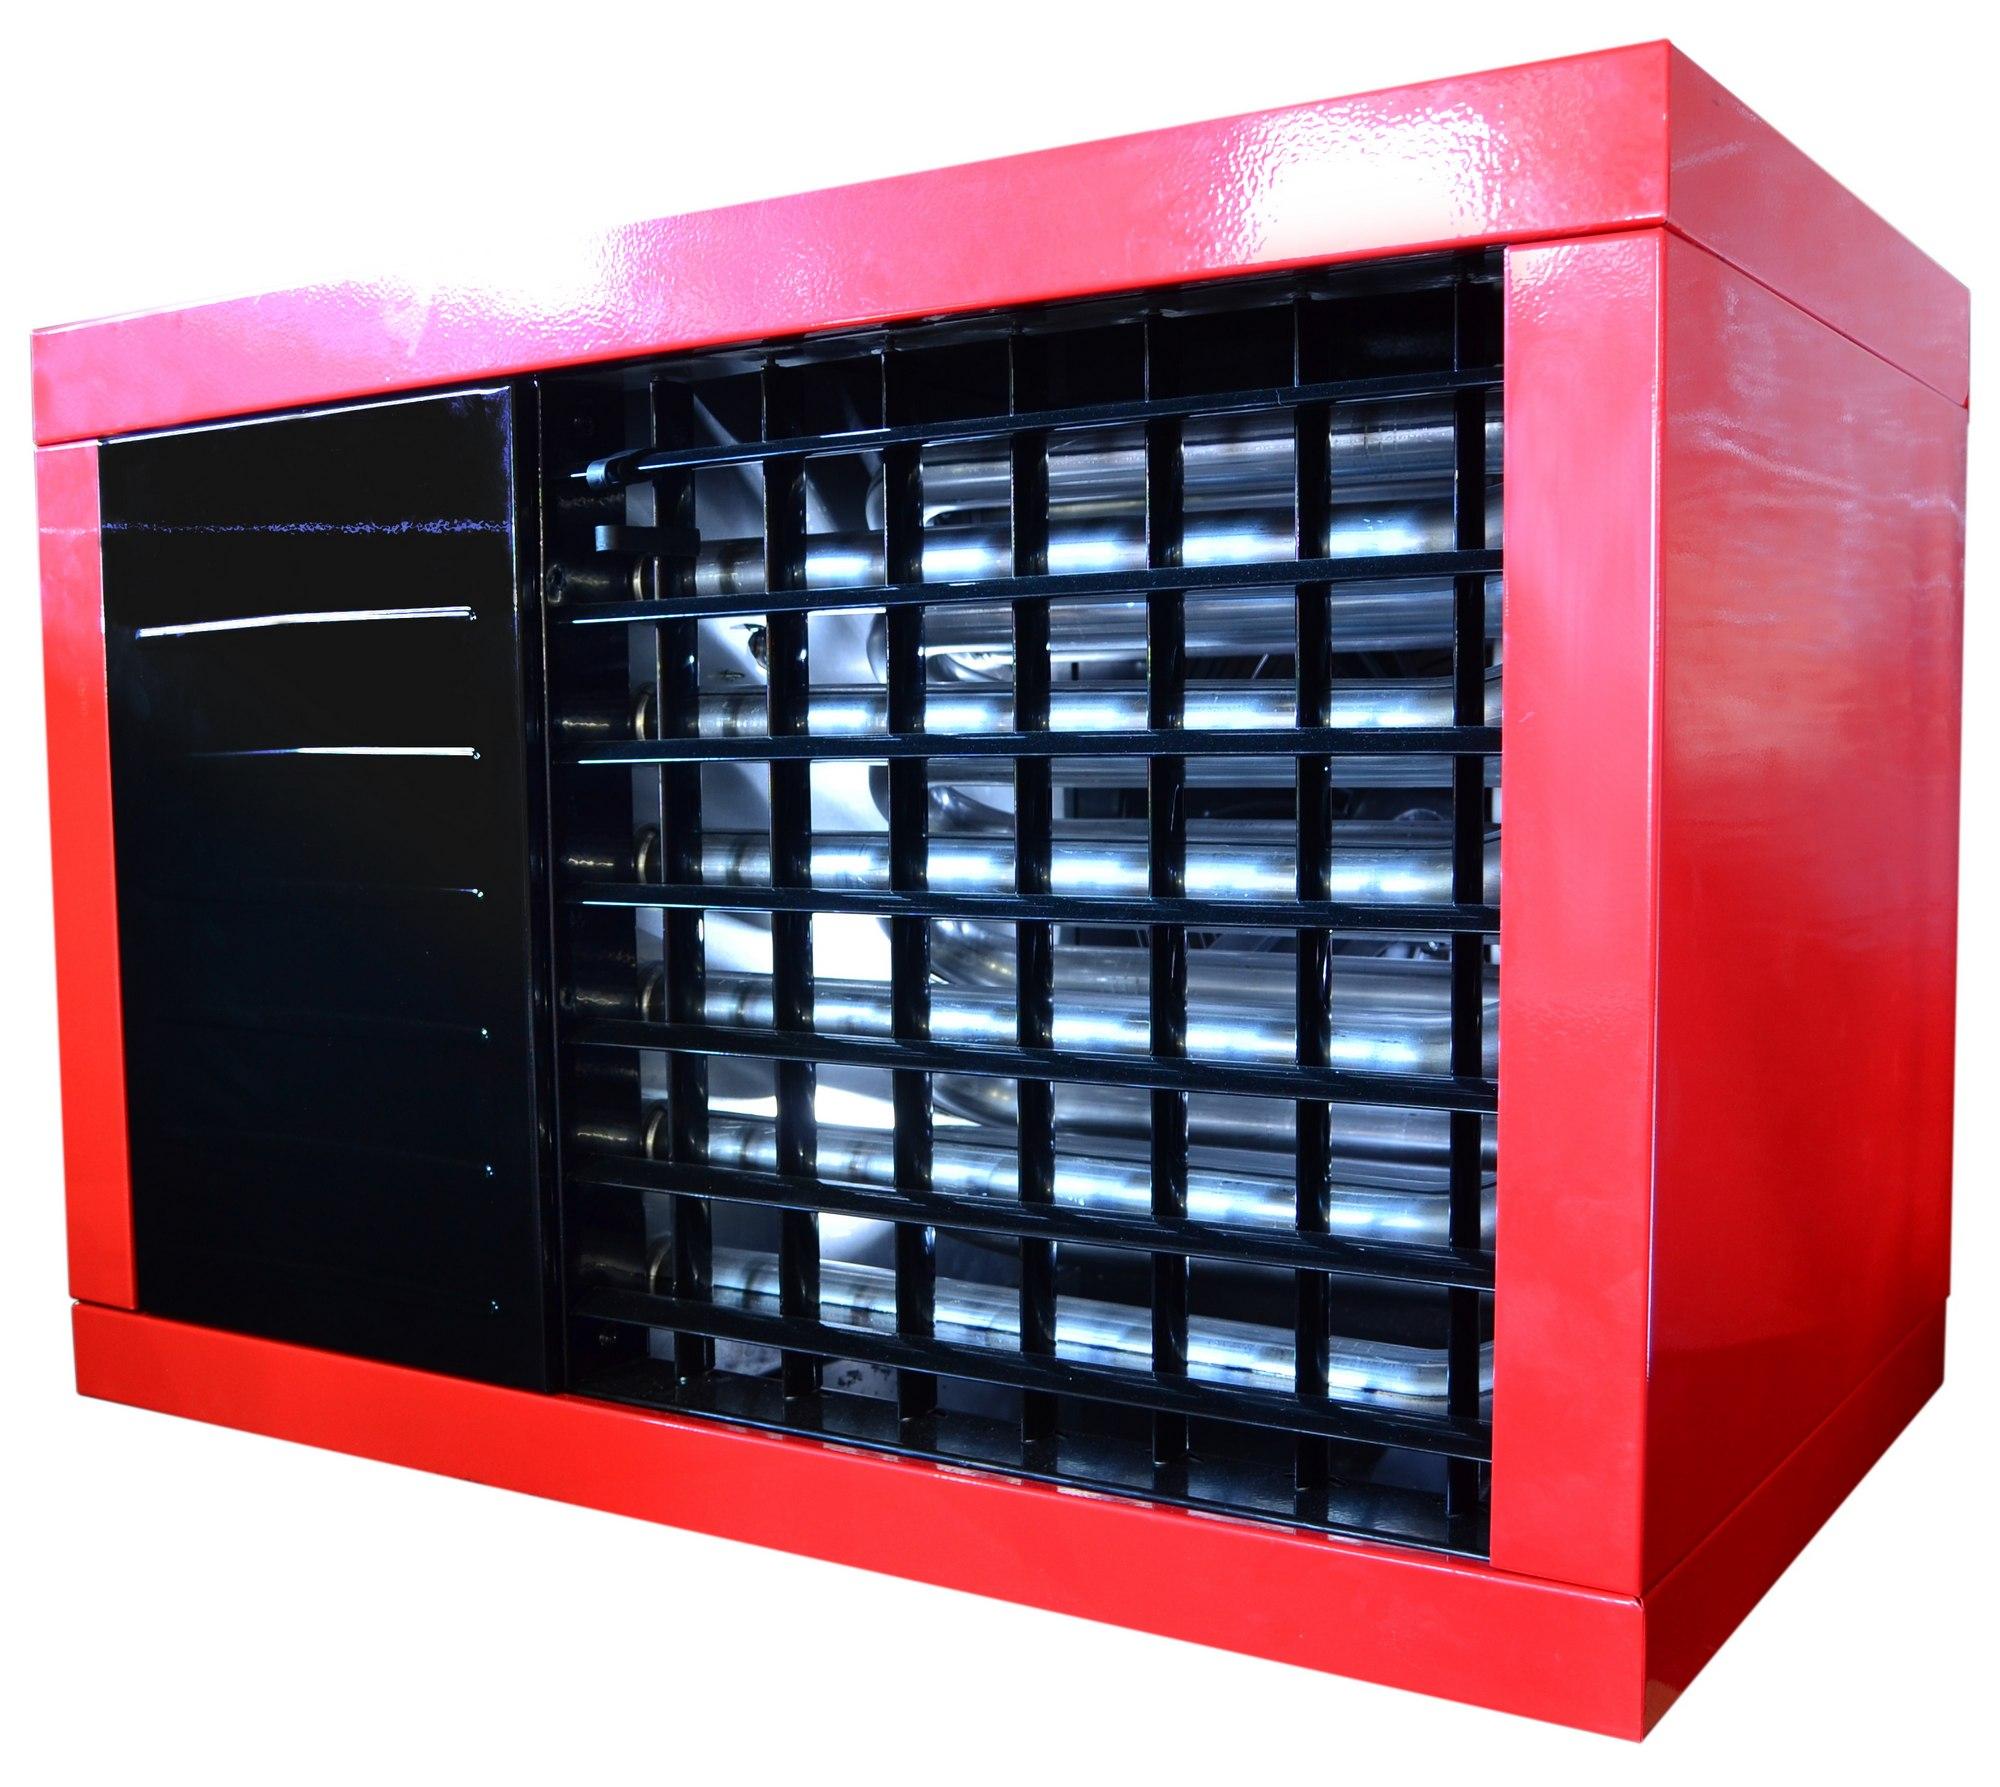 nagrzewnica gazowa powietrza 26 kW z odprowadzeniem spalin i z zamkniętą komorą spalania